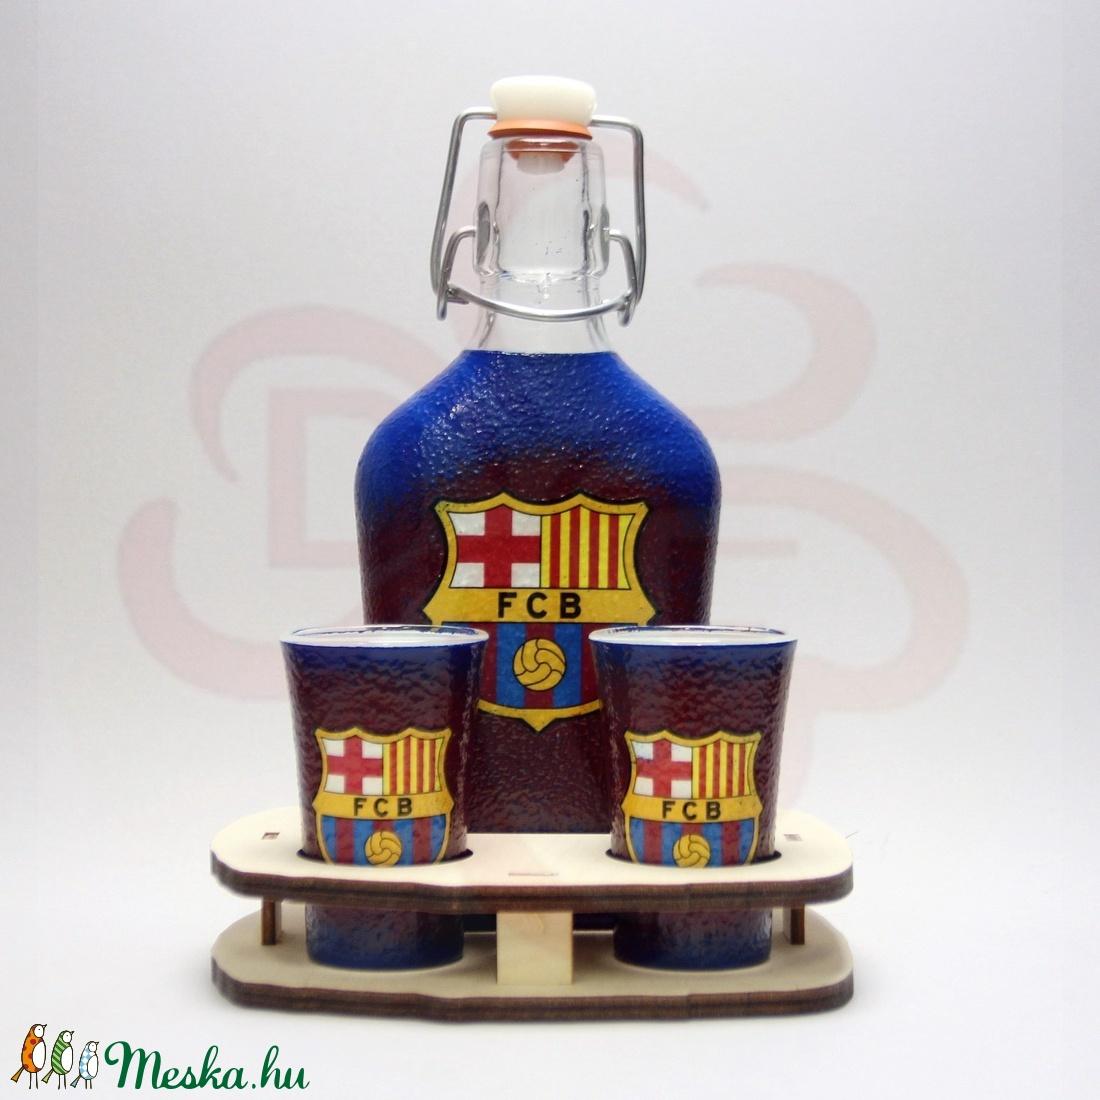 FC Barcelona pálinkás készlet sötét; Barcelona futball szurkolóknak - Meska.hu